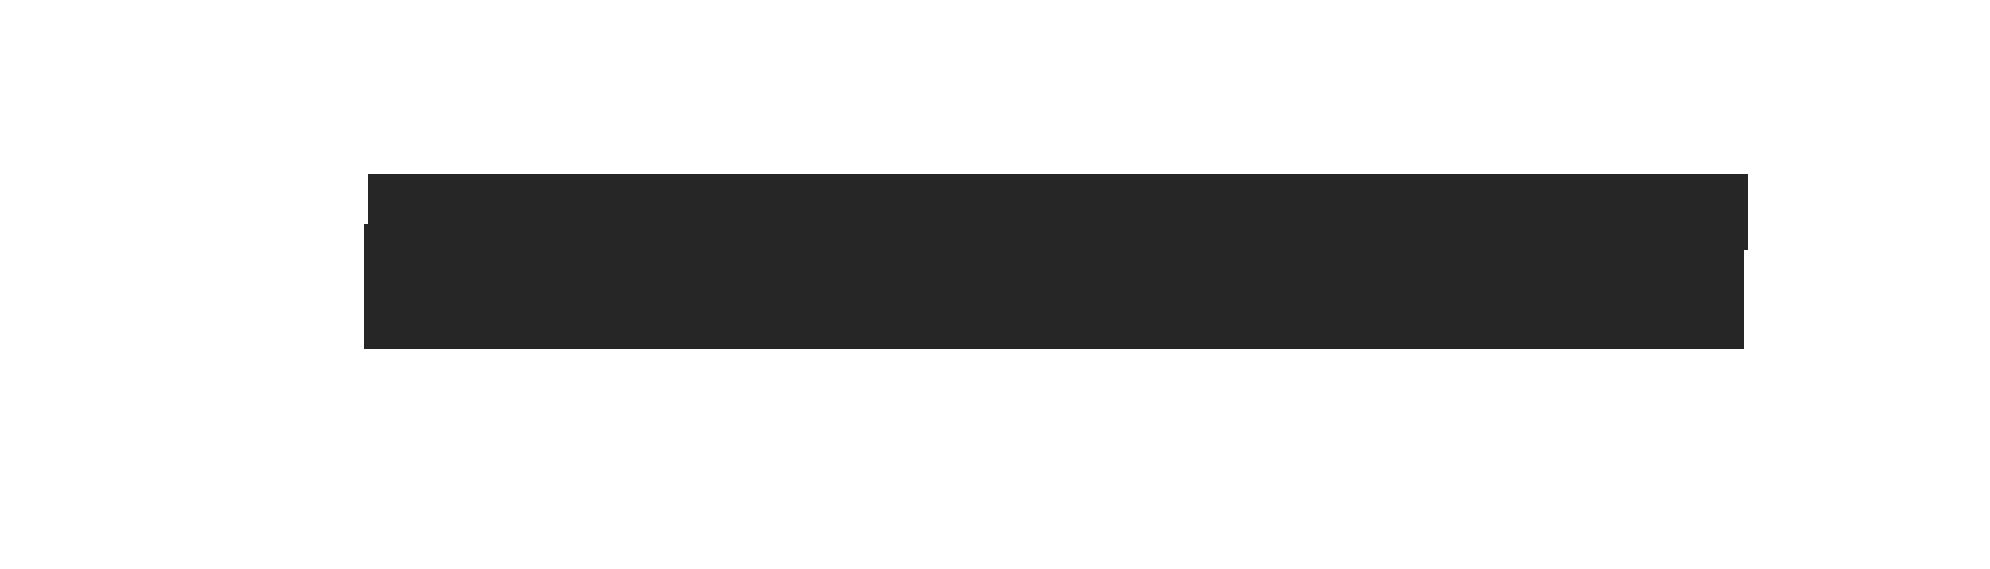 ElementAI-logo-black-2018.png